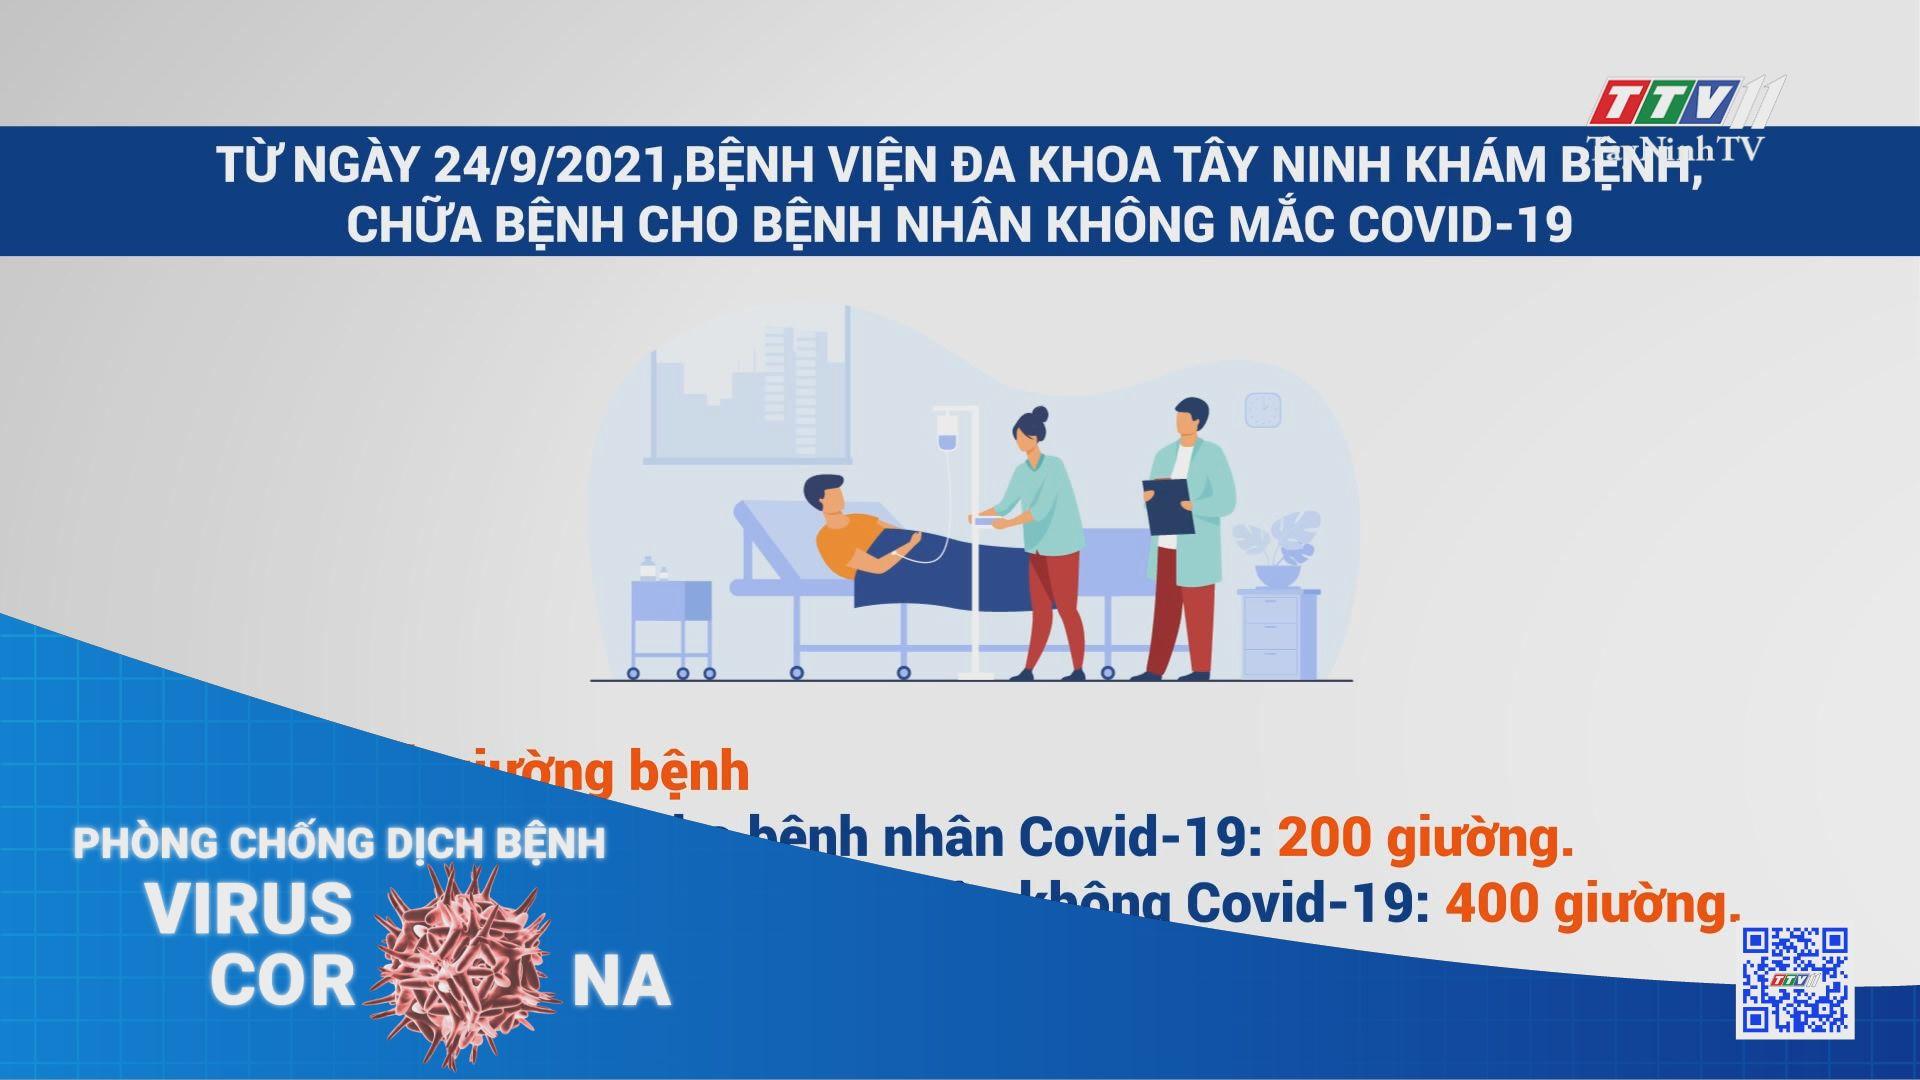 Từ ngày 24/9/2021,Bệnh viện Đa khoa Tây Ninh khám bệnh, chữa bệnh cho bệnh nhân không mắc Covid-19 | THÔNG TIN DỊCH COVID-19 | TayNinhTV